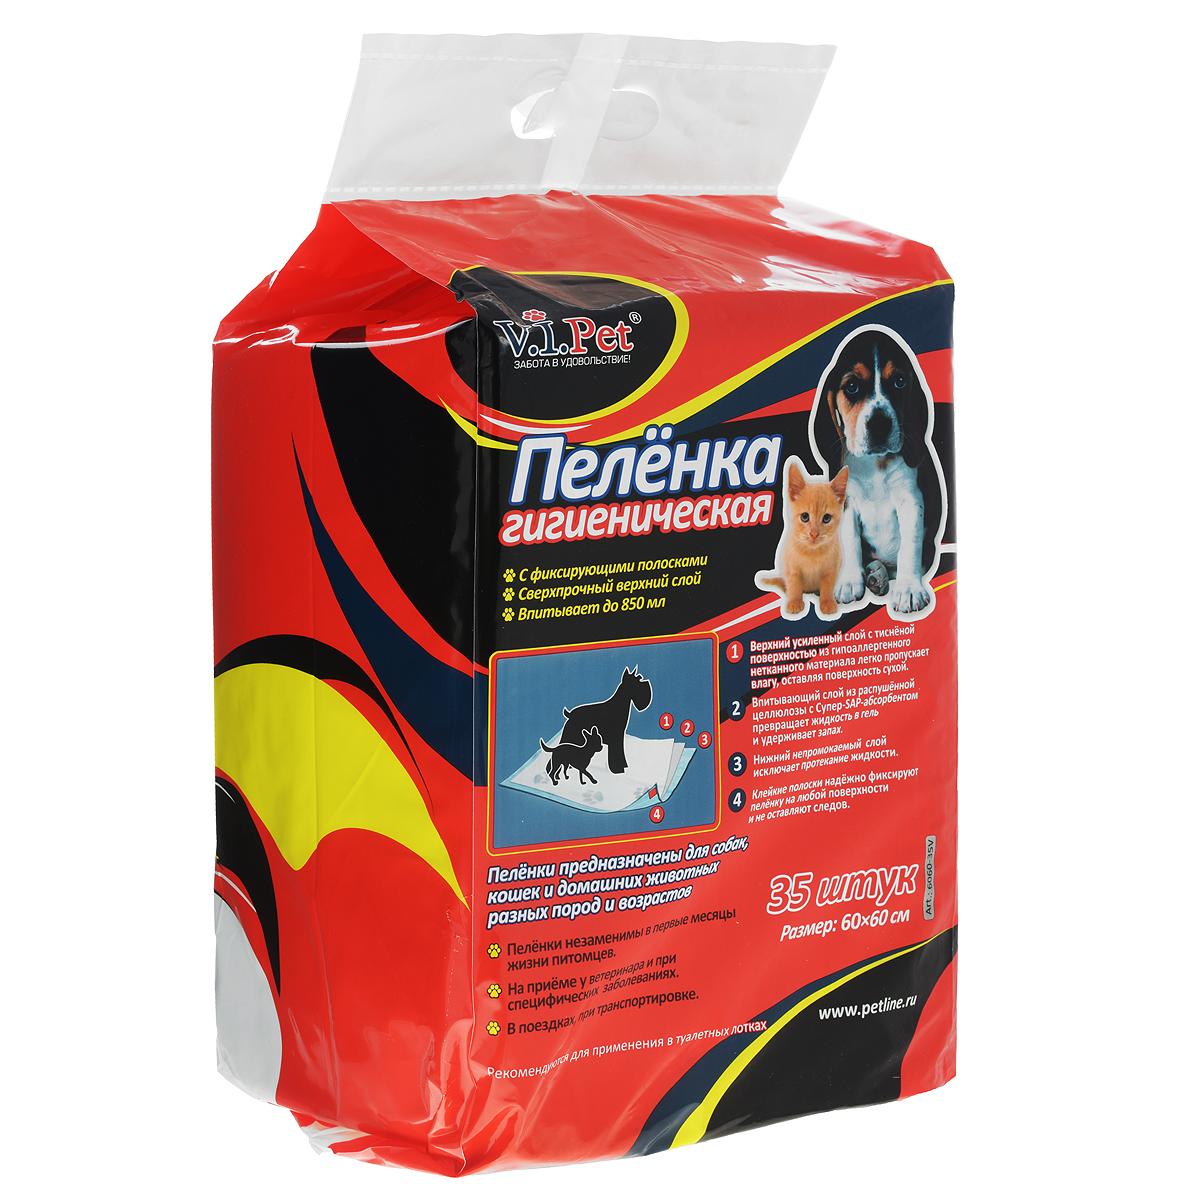 Пеленки для домашних животных V.I.Pet, гигиенические, 60 см х 60 см, 35 шт6060-35VВпитывающие гигиенические пеленки V.I.Pet предназначены для собак, кошек и других домашних животных разных пород и возрастов. Пеленки имеют 3 слоя: - верхний усиленный слой с тисненой поверхностью из гипоаллергенного нетканного материала легко пропускает влагу, оставляя поверхность сухой; - впитывающий слой из распушенной целлюлозы с Супер-SAP-абсорбентом превращает жидкость в гель и удерживает запах; - нижний непромокаемый слой исключает протекание жидкости; Клейкие полоски надежно фиксируют пеленку на любой поверхности и не оставляют следов. Пеленки незаменимы в первые месяцы жизни щенков, при специфических заболеваниях, поездках, выставках и на приеме у ветеринара. Подходят для туалетных лотков. Благодаря оригинальной 3-х слойной компановке, пеленки прекрасно удерживают влагу. Сохраняют форму, поглощая до 850 мл жидкости. Сверхпрочный верхний слой устойчив к повреждениям и острым когтям. Пеленки обеспечивают...